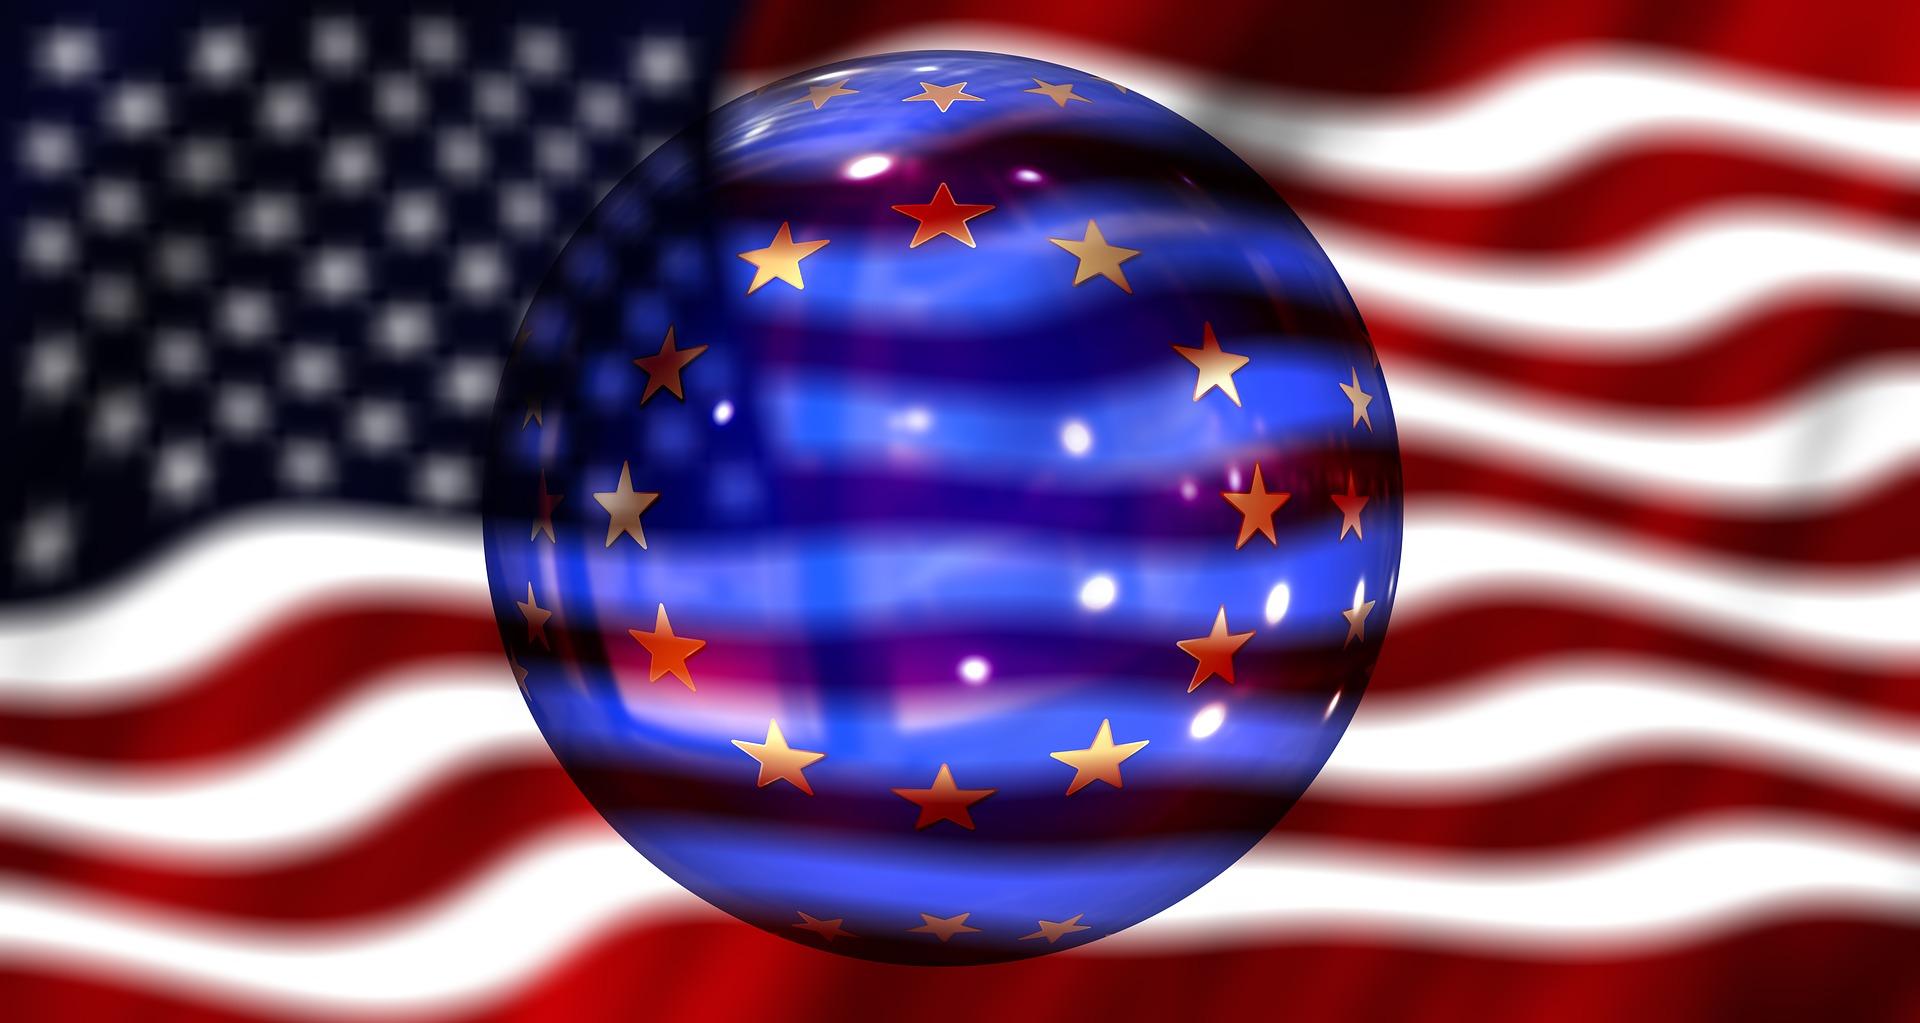 ЕС и США решили вместе противостоять 'конфронтационному поведению' России